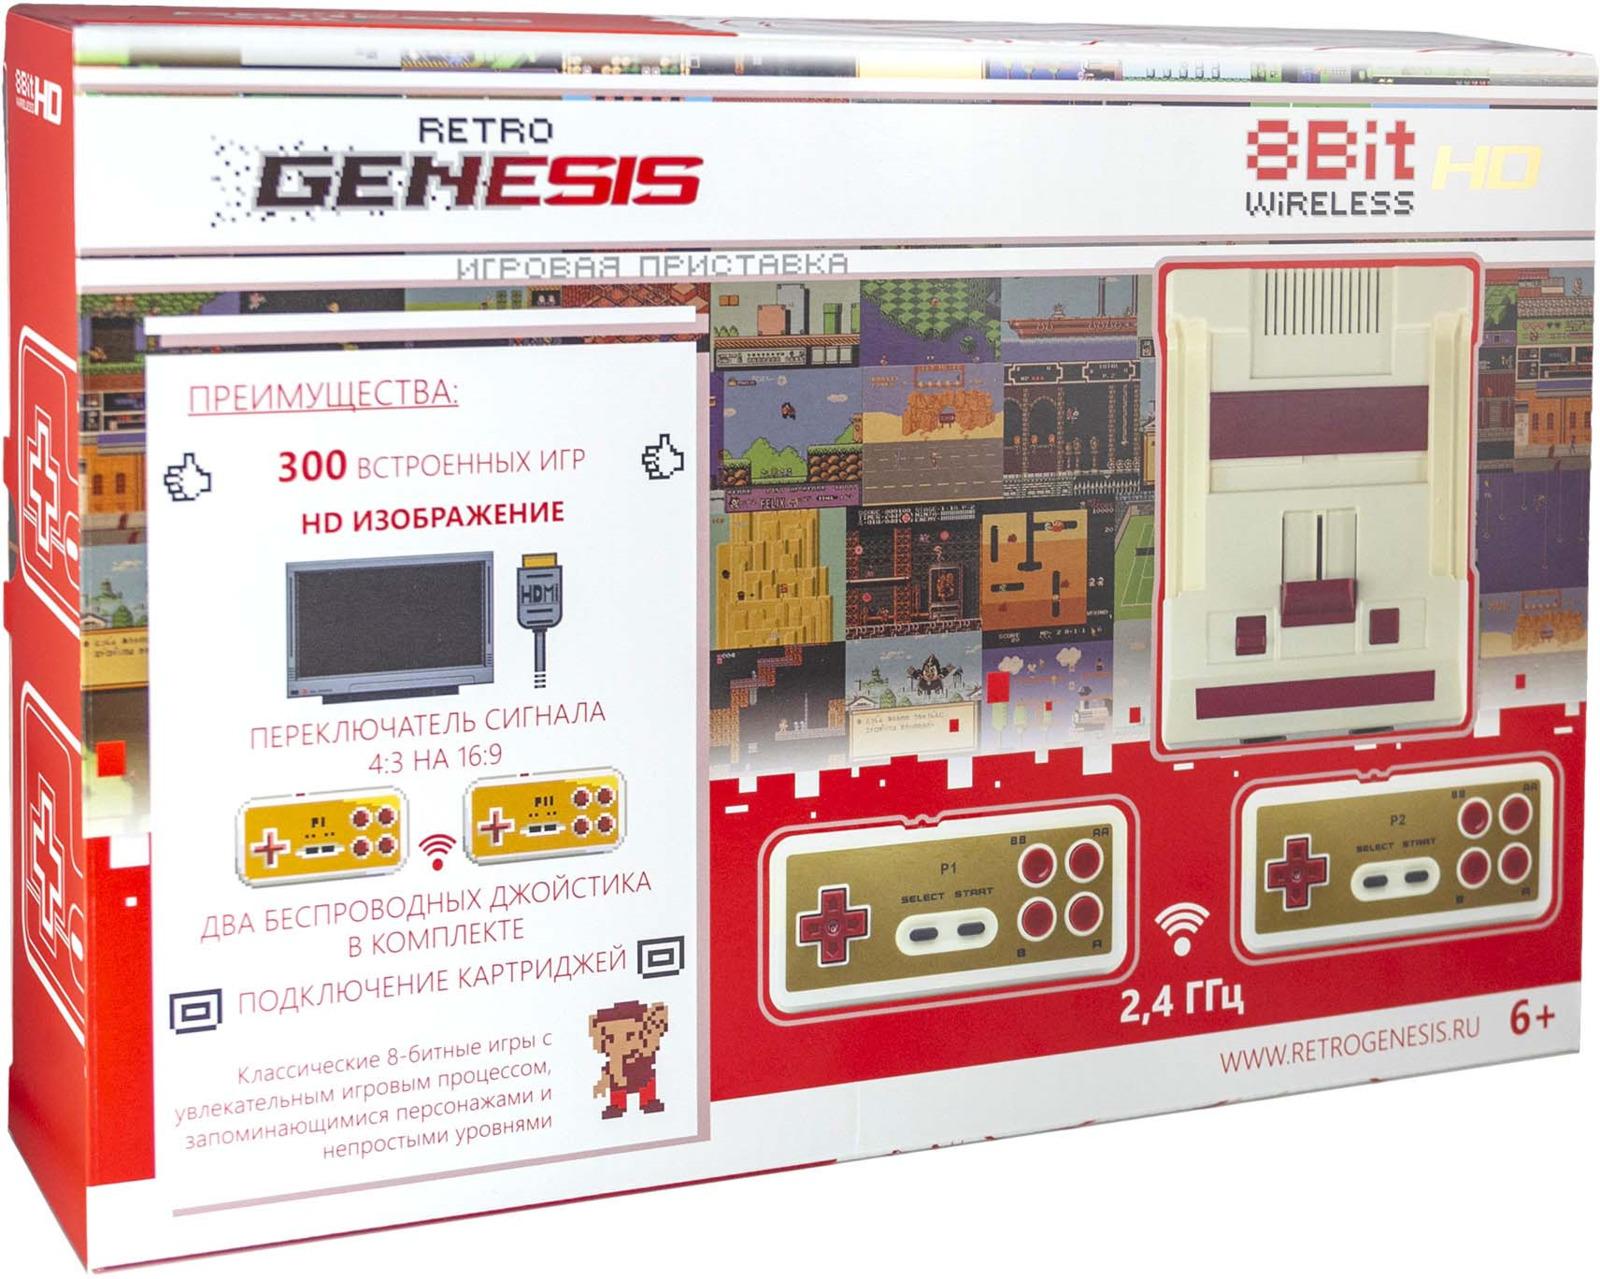 Игровая консоль Retro Genesis 8 Bit HD Wireless + 300 игр (HDMI кабель, 2 беспроводных джойстика) игровая приставка sega retro genesis hd ultra 50 игр